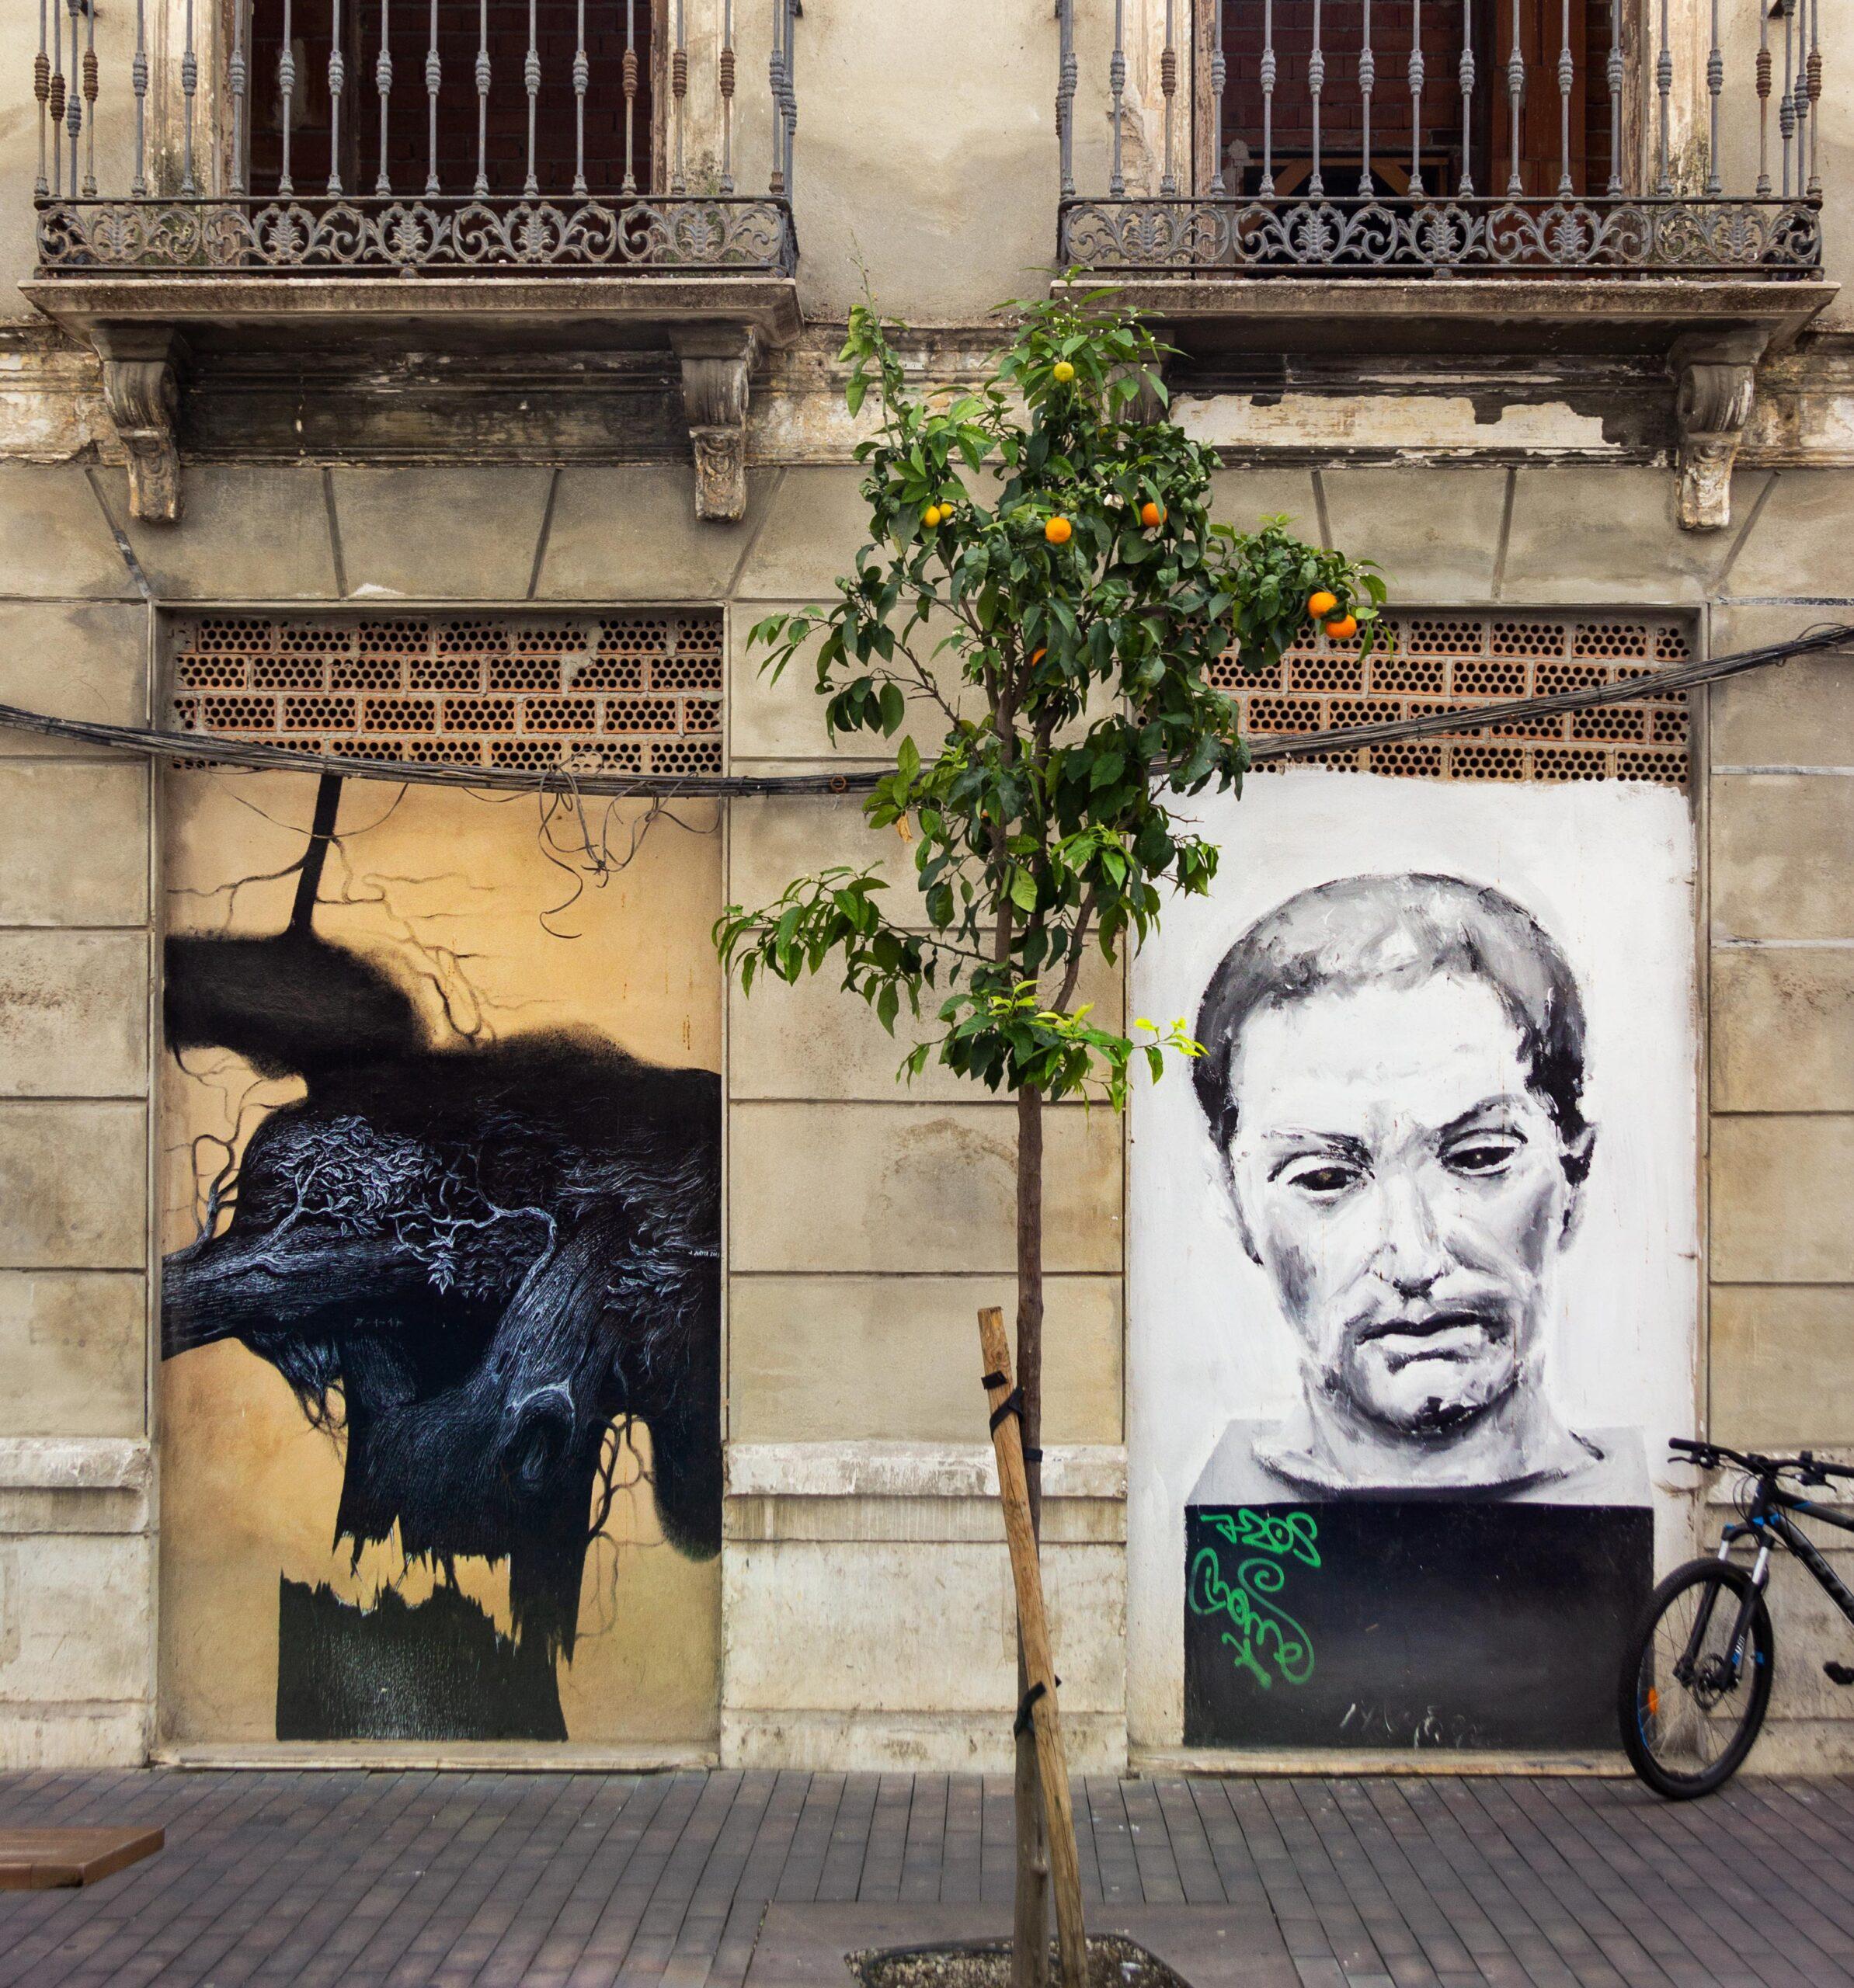 Jesús Zurita (tv) maler irrationelle billeder af følelser, og Santiago Ydáñezs portrætter har selvbiografiske referencer. Værkerne kan ses i gaden Tomas Heredia.